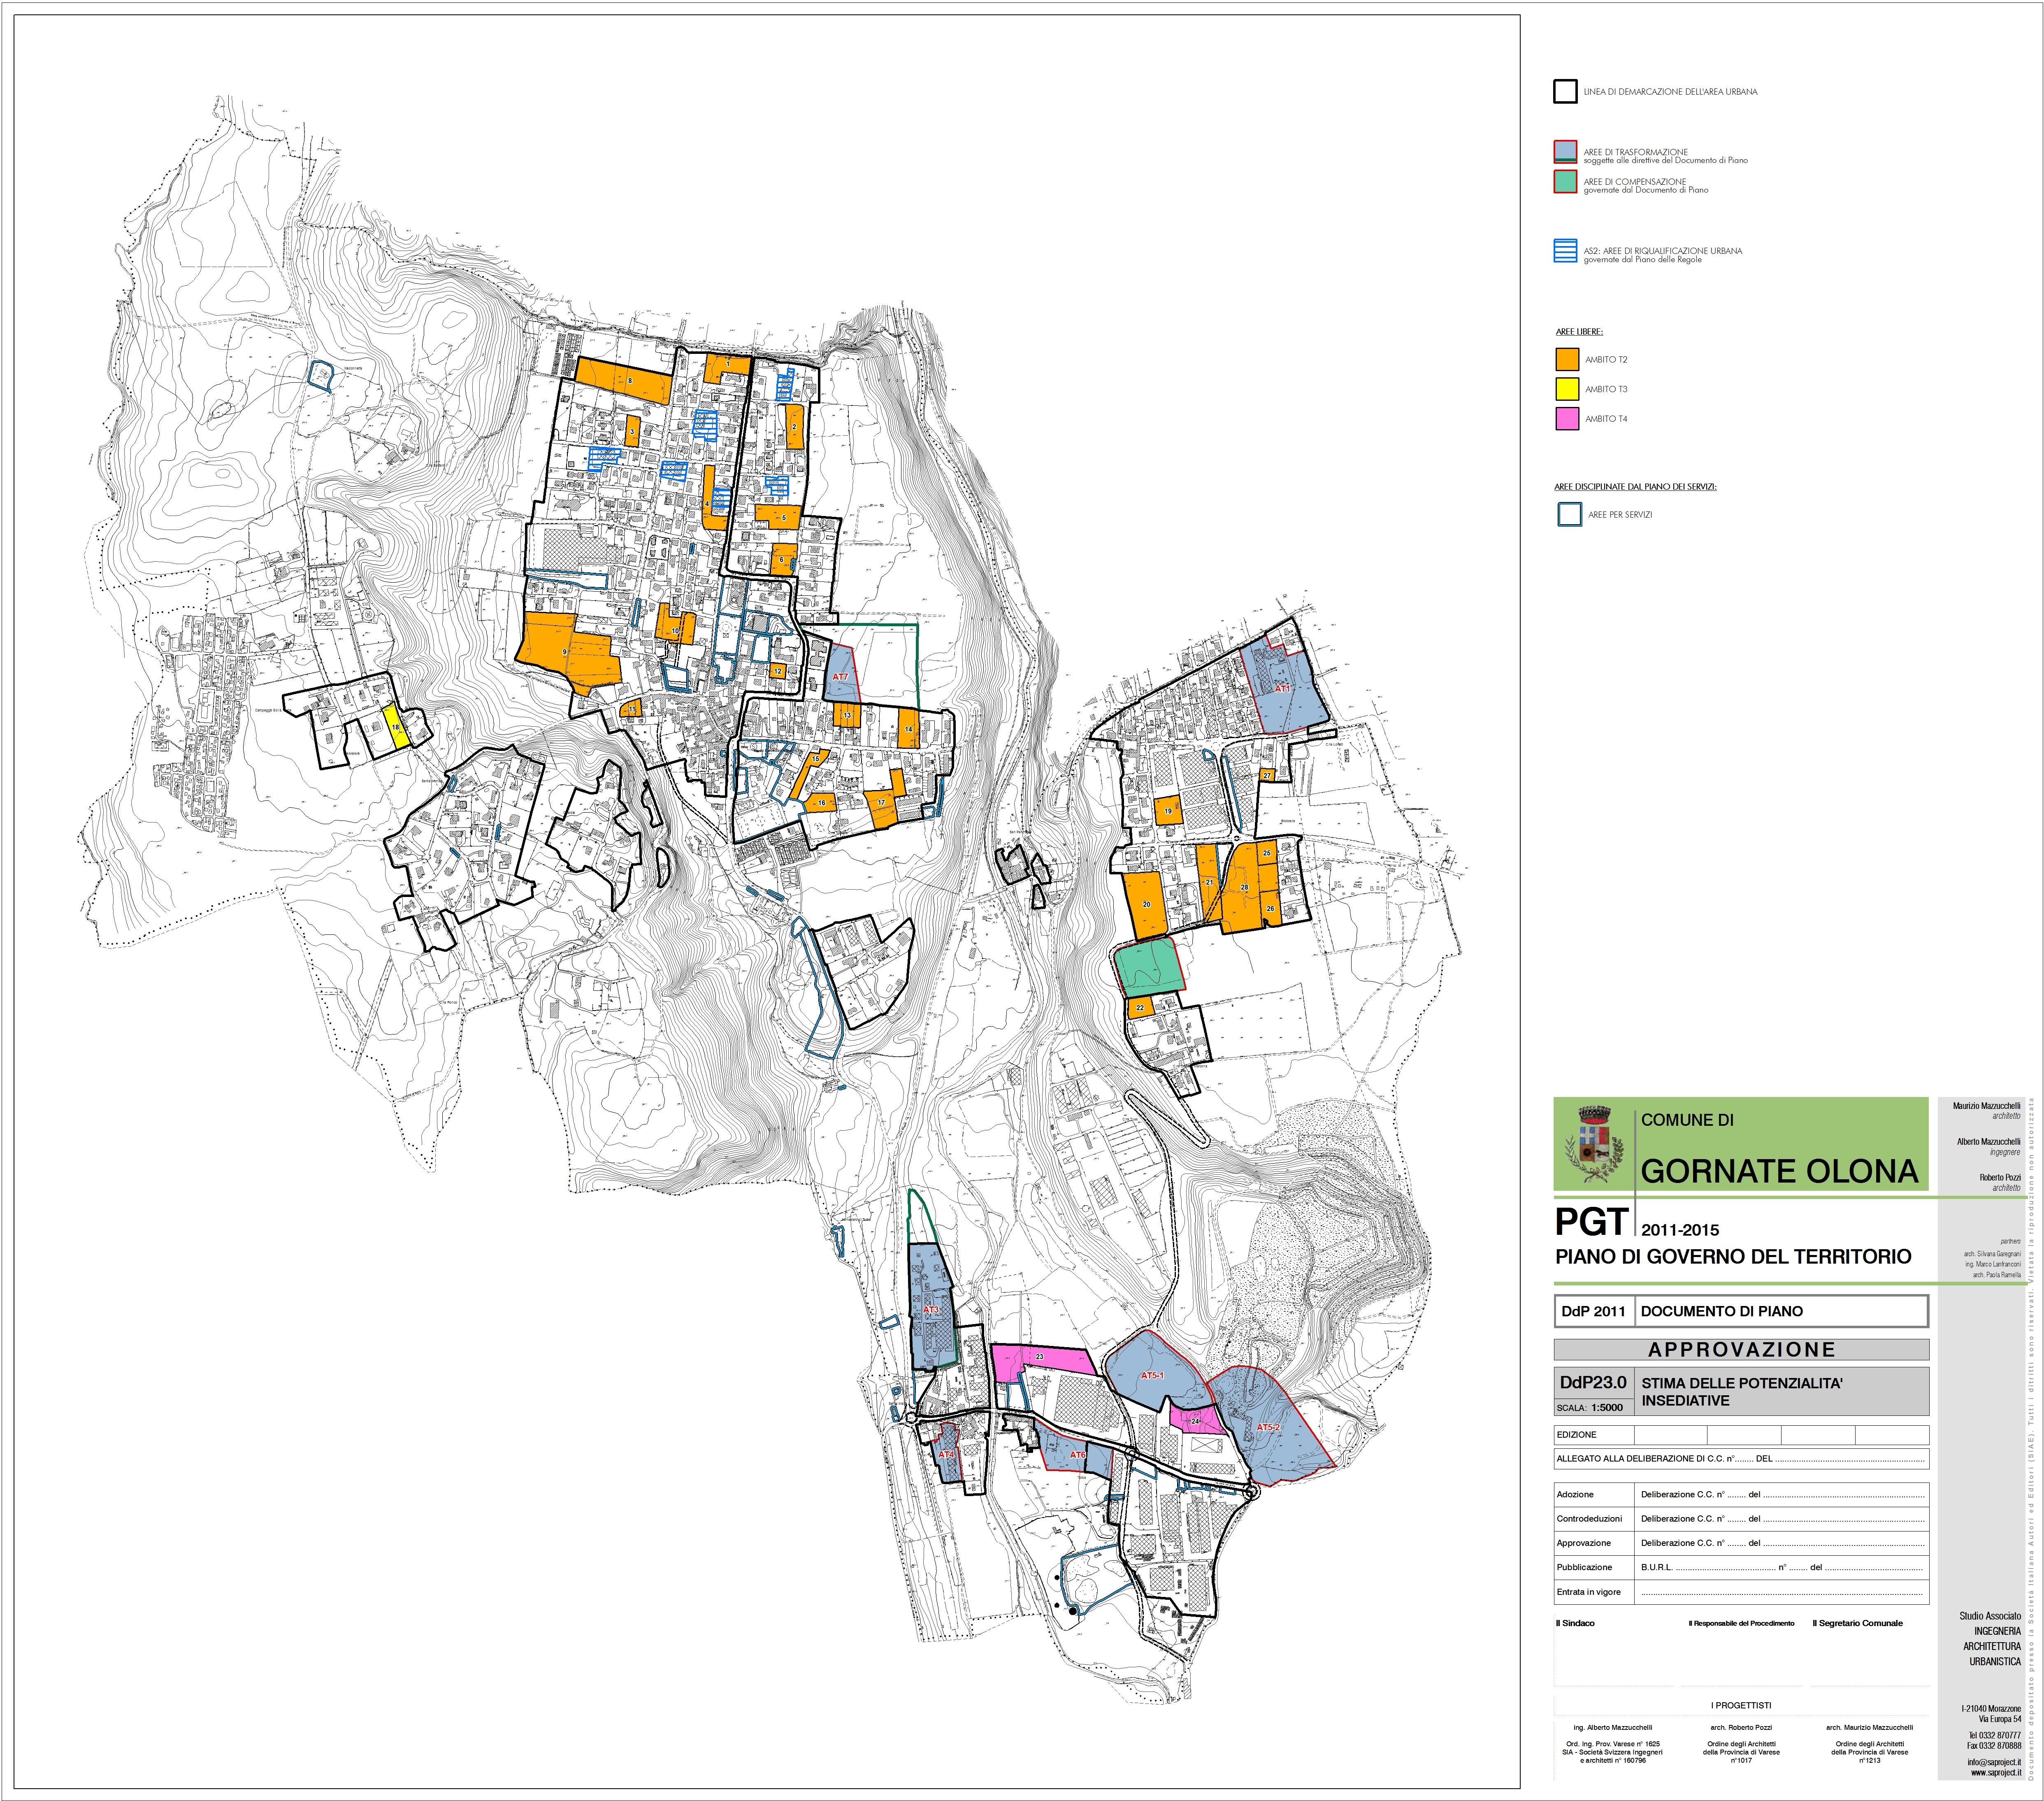 012080 piano di governo del territorio for Stima dei costi del piano